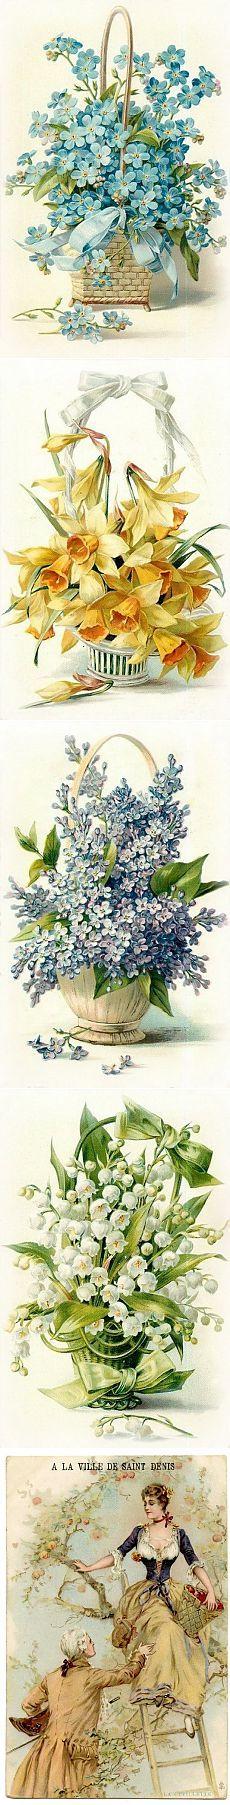 И немного цветочков / Картинки для декупажа / PassionForum - мастер-классы по рукоделию